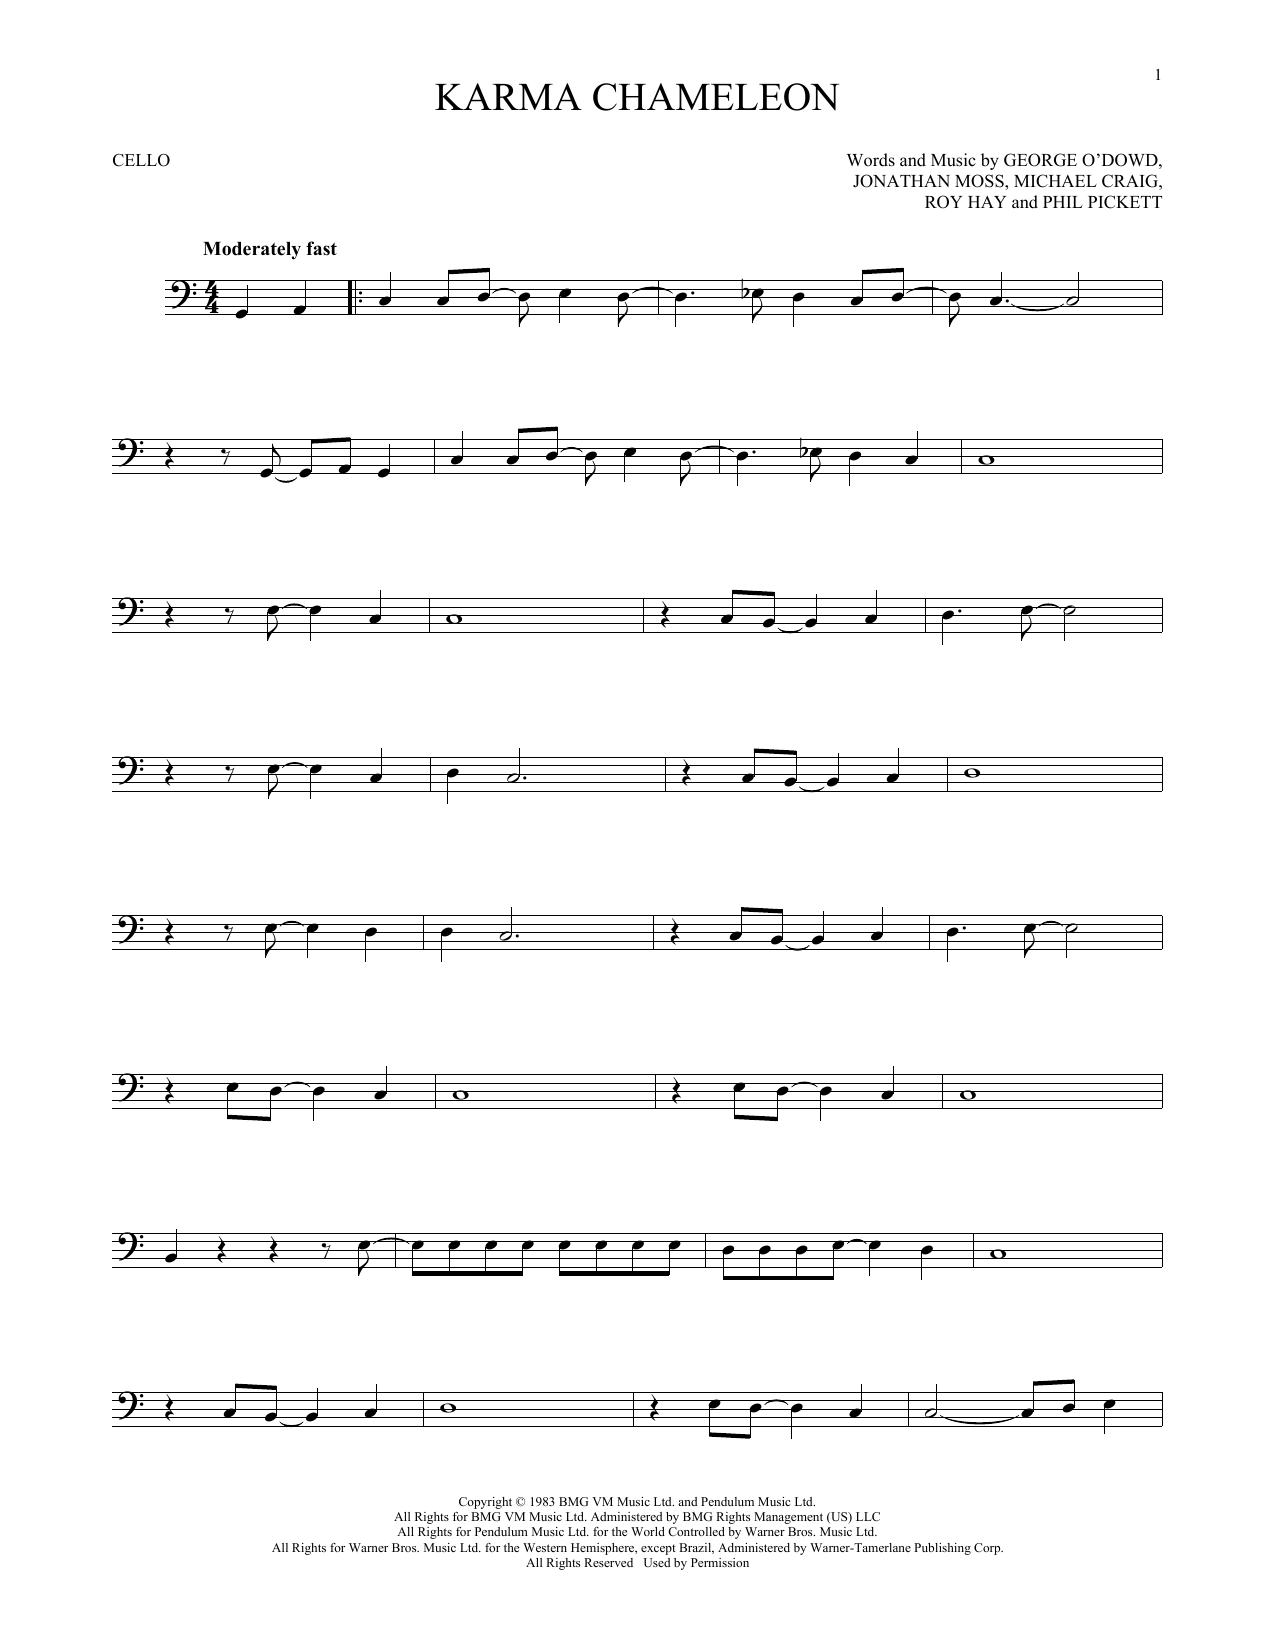 Karma Chameleon (Cello Solo)